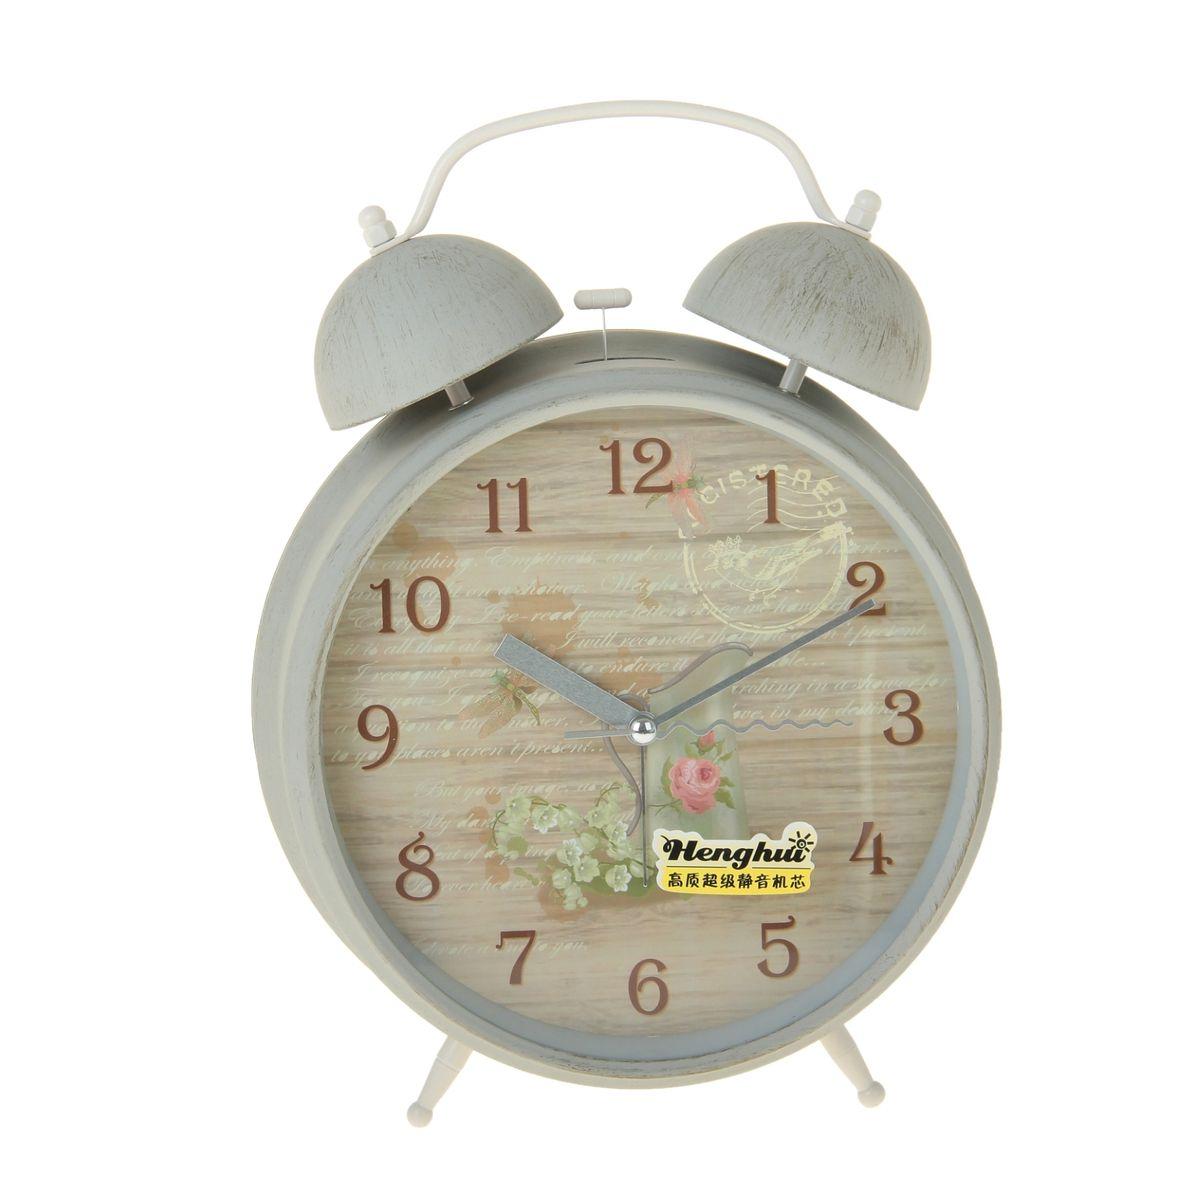 Часы-будильник Sima-land Кувшин и цветы906627Как же сложно иногда вставать вовремя! Всегда так хочется поспать еще хотя бы 5минут и бывает, что мы просыпаем. Теперь этого не случится! Яркий, оригинальныйбудильник Sima-land Кувшин и цветы поможет вам всегда вставать в нужноевремя и успевать везде и всюду. Корпус будильника выполнен из металла. Циферблат имеет индикацию арабскими цифрами. Часы снабжены 4 стрелками (секундная, минутная, часовая идля будильника). На задней панели будильника расположен переключательвключения/выключения механизма, а также два колесика для настройки текущеговремени и времени звонка будильника. Также будильник оснащенкнопкой, при нажатии которой подсвечивается циферблат. Пользоваться будильником очень легко: нужно всего лишь поставить батарейку,настроить точное время и установить время звонка.Необходимо докупить 1 батарейку типа АА (не входит в комплект).